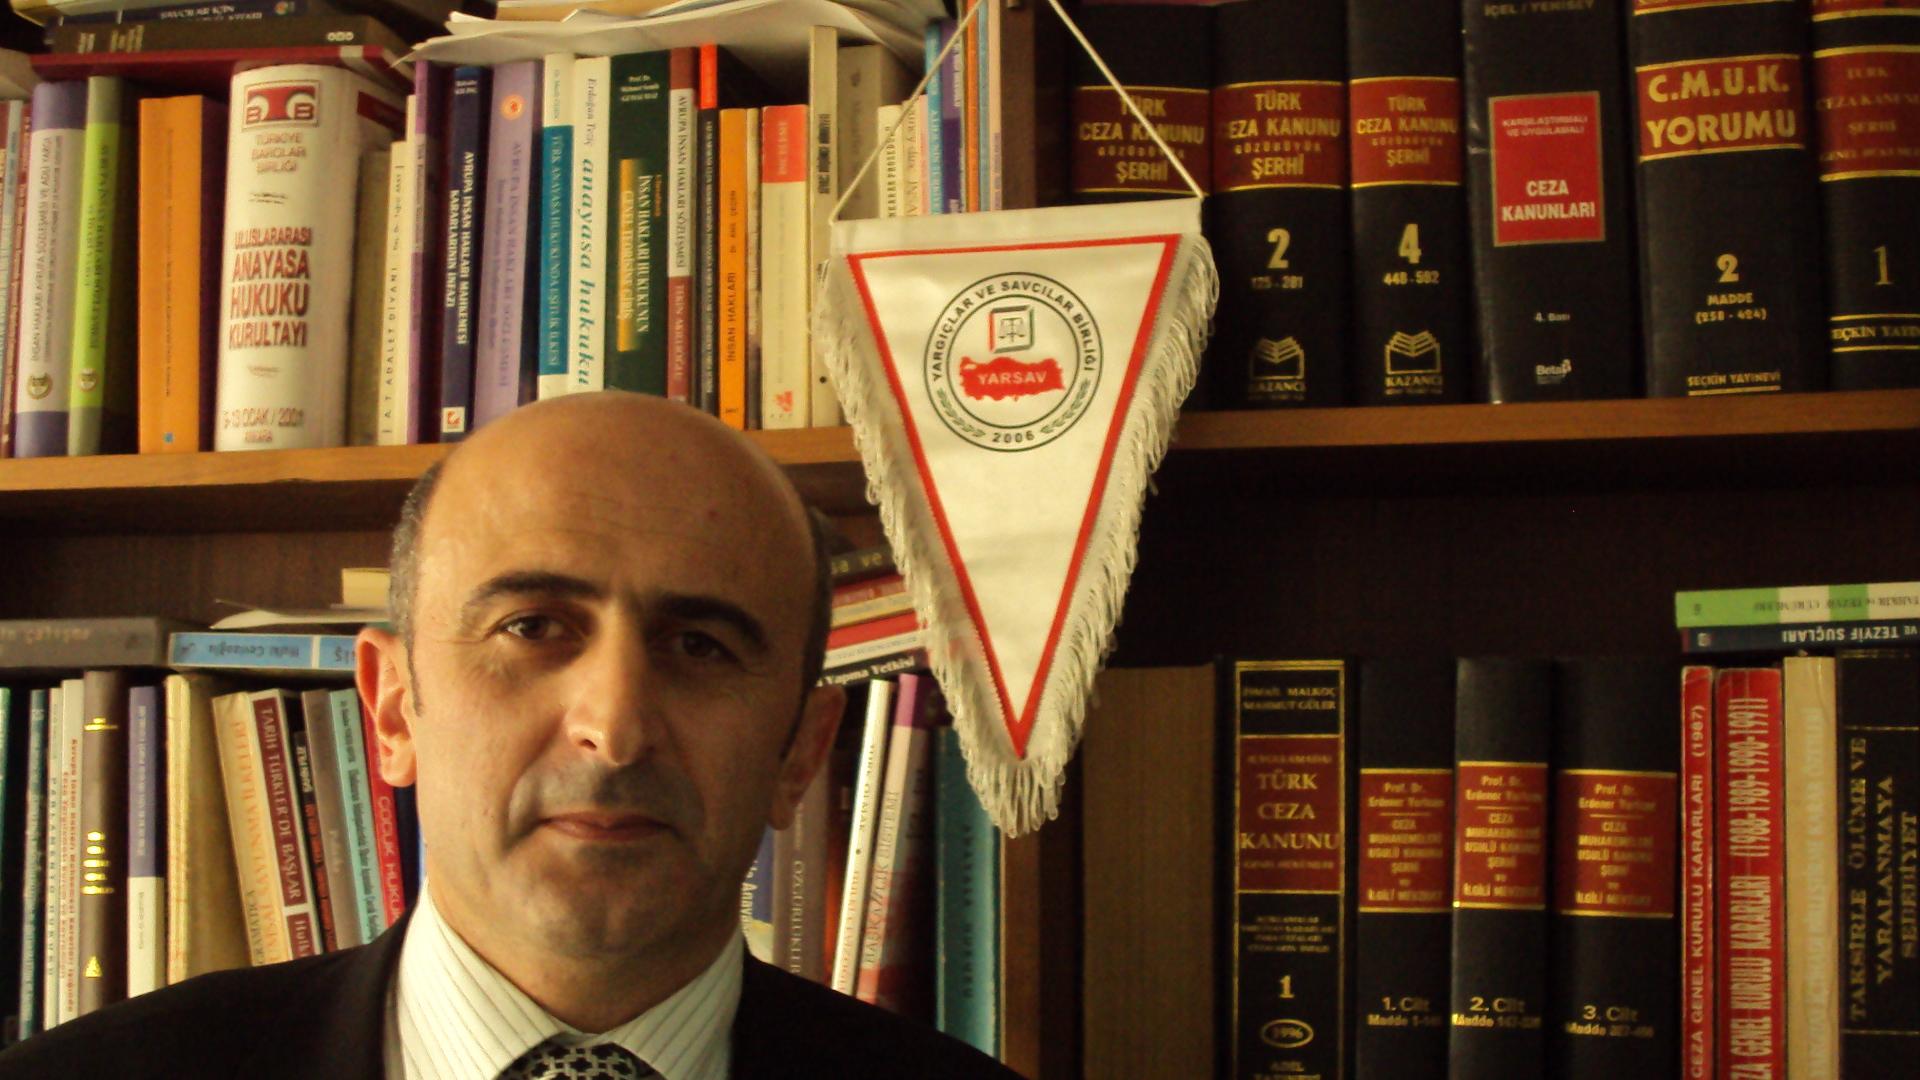 Eminağaoğlu, cuma namazı düzenlemesini Danıştay'a taşıdı